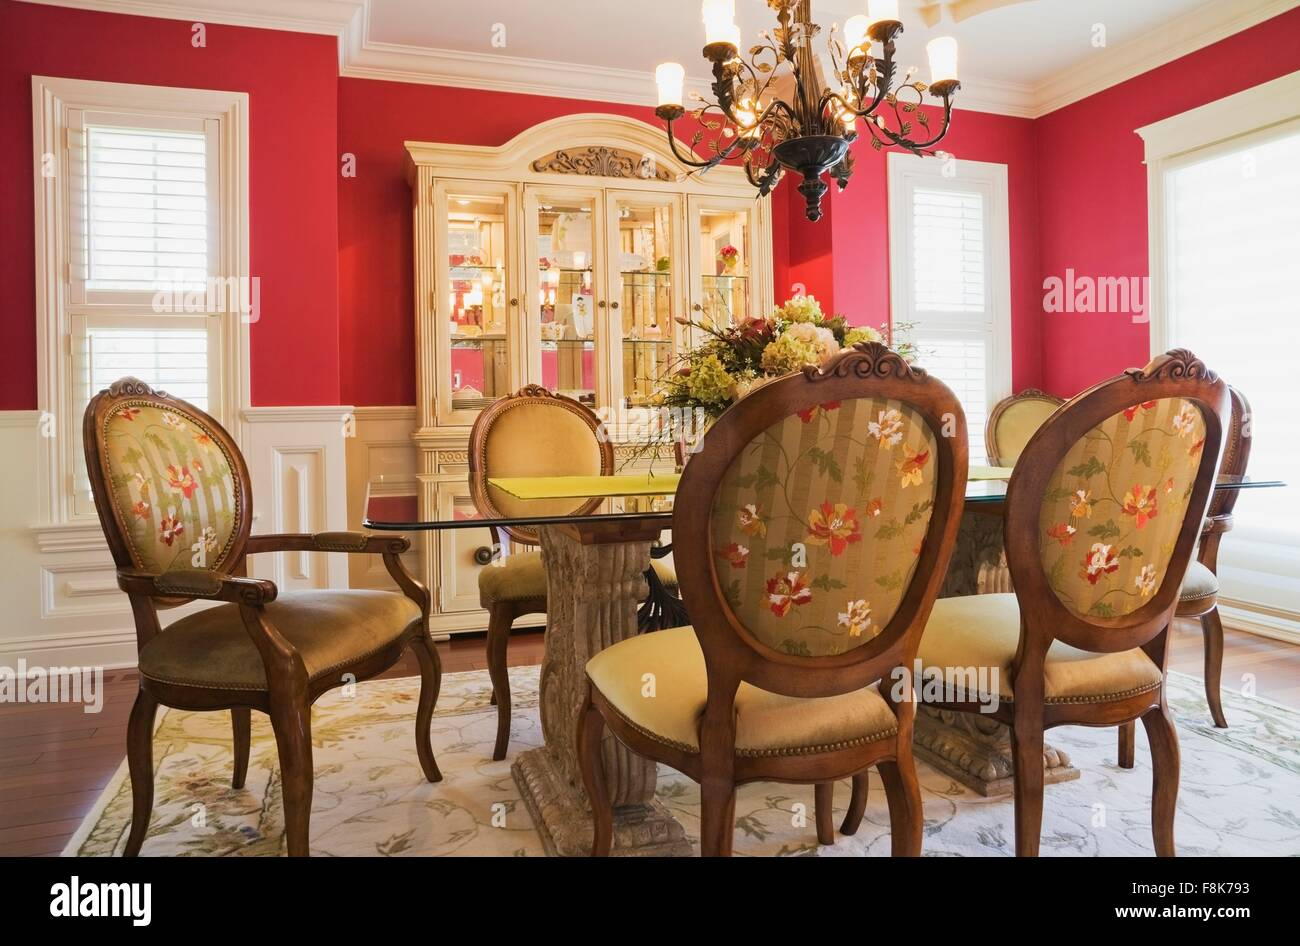 Sedie Schienale Alto Legno : Sedie da salotto con schienale alto imbottito rivestito in